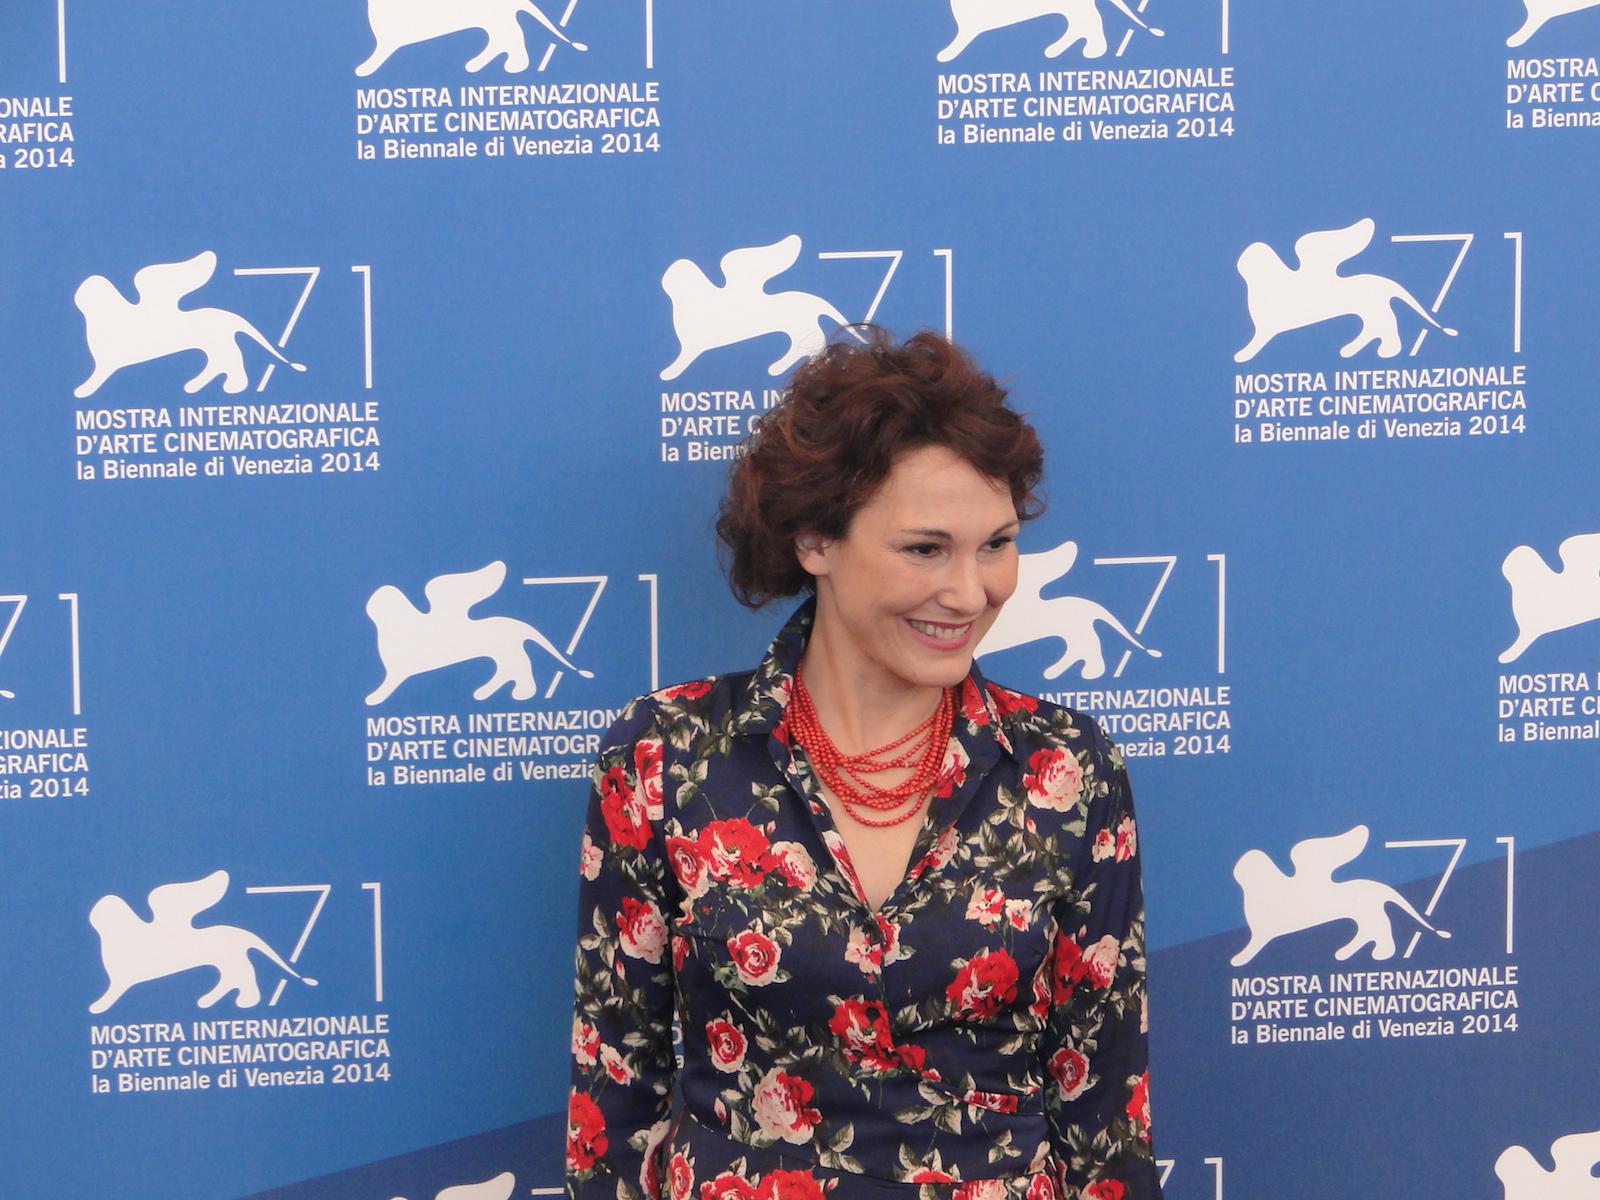 Venezia 2014: Anna Ferruzzo saluta al photocall di Anime nere